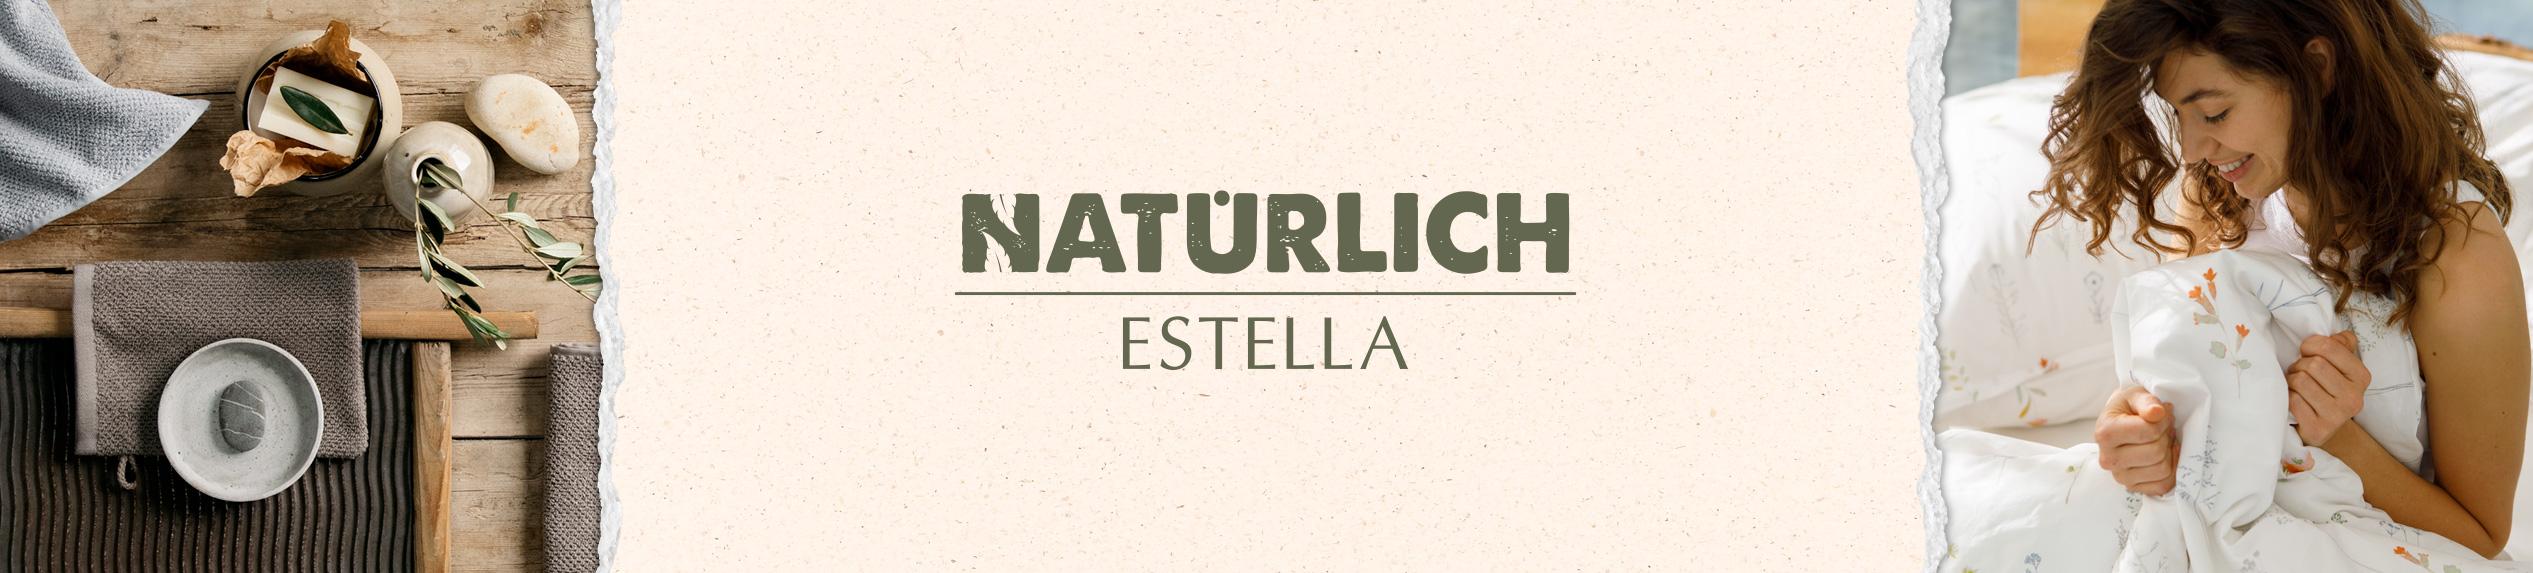 Bio-Serie Natürlich Estella  | Online-Shop